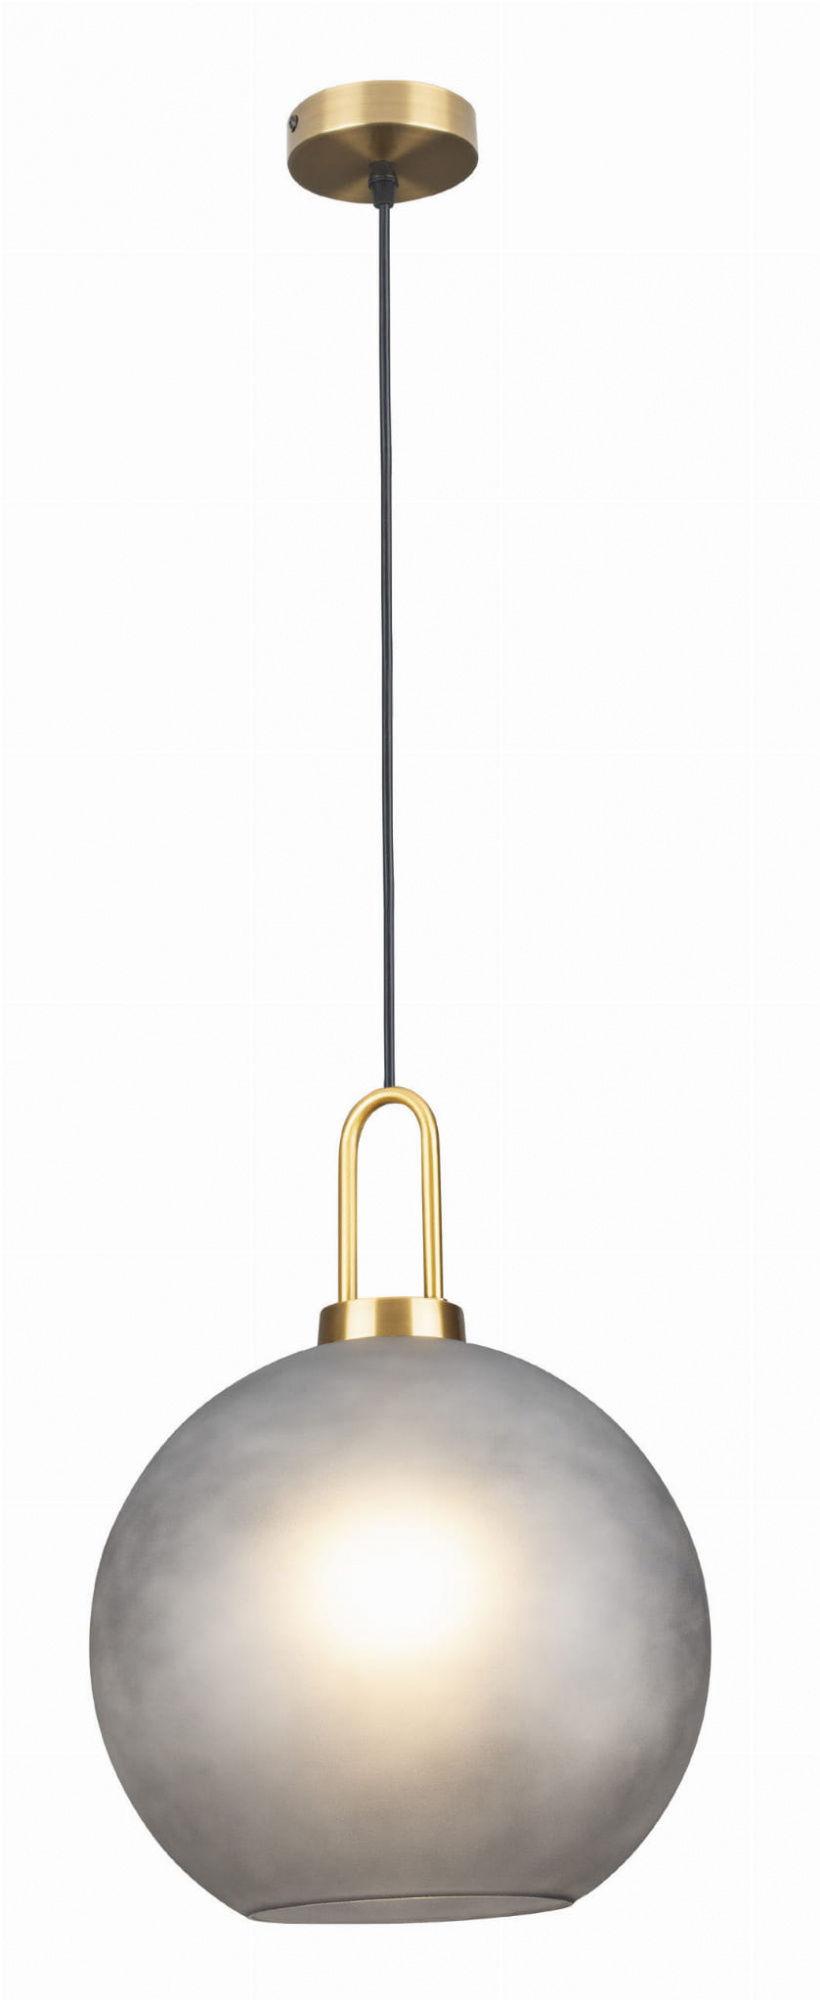 Lampa wisząca PLUTON P0415 MAXlight nowoczesna oprawa w kolorze złotym